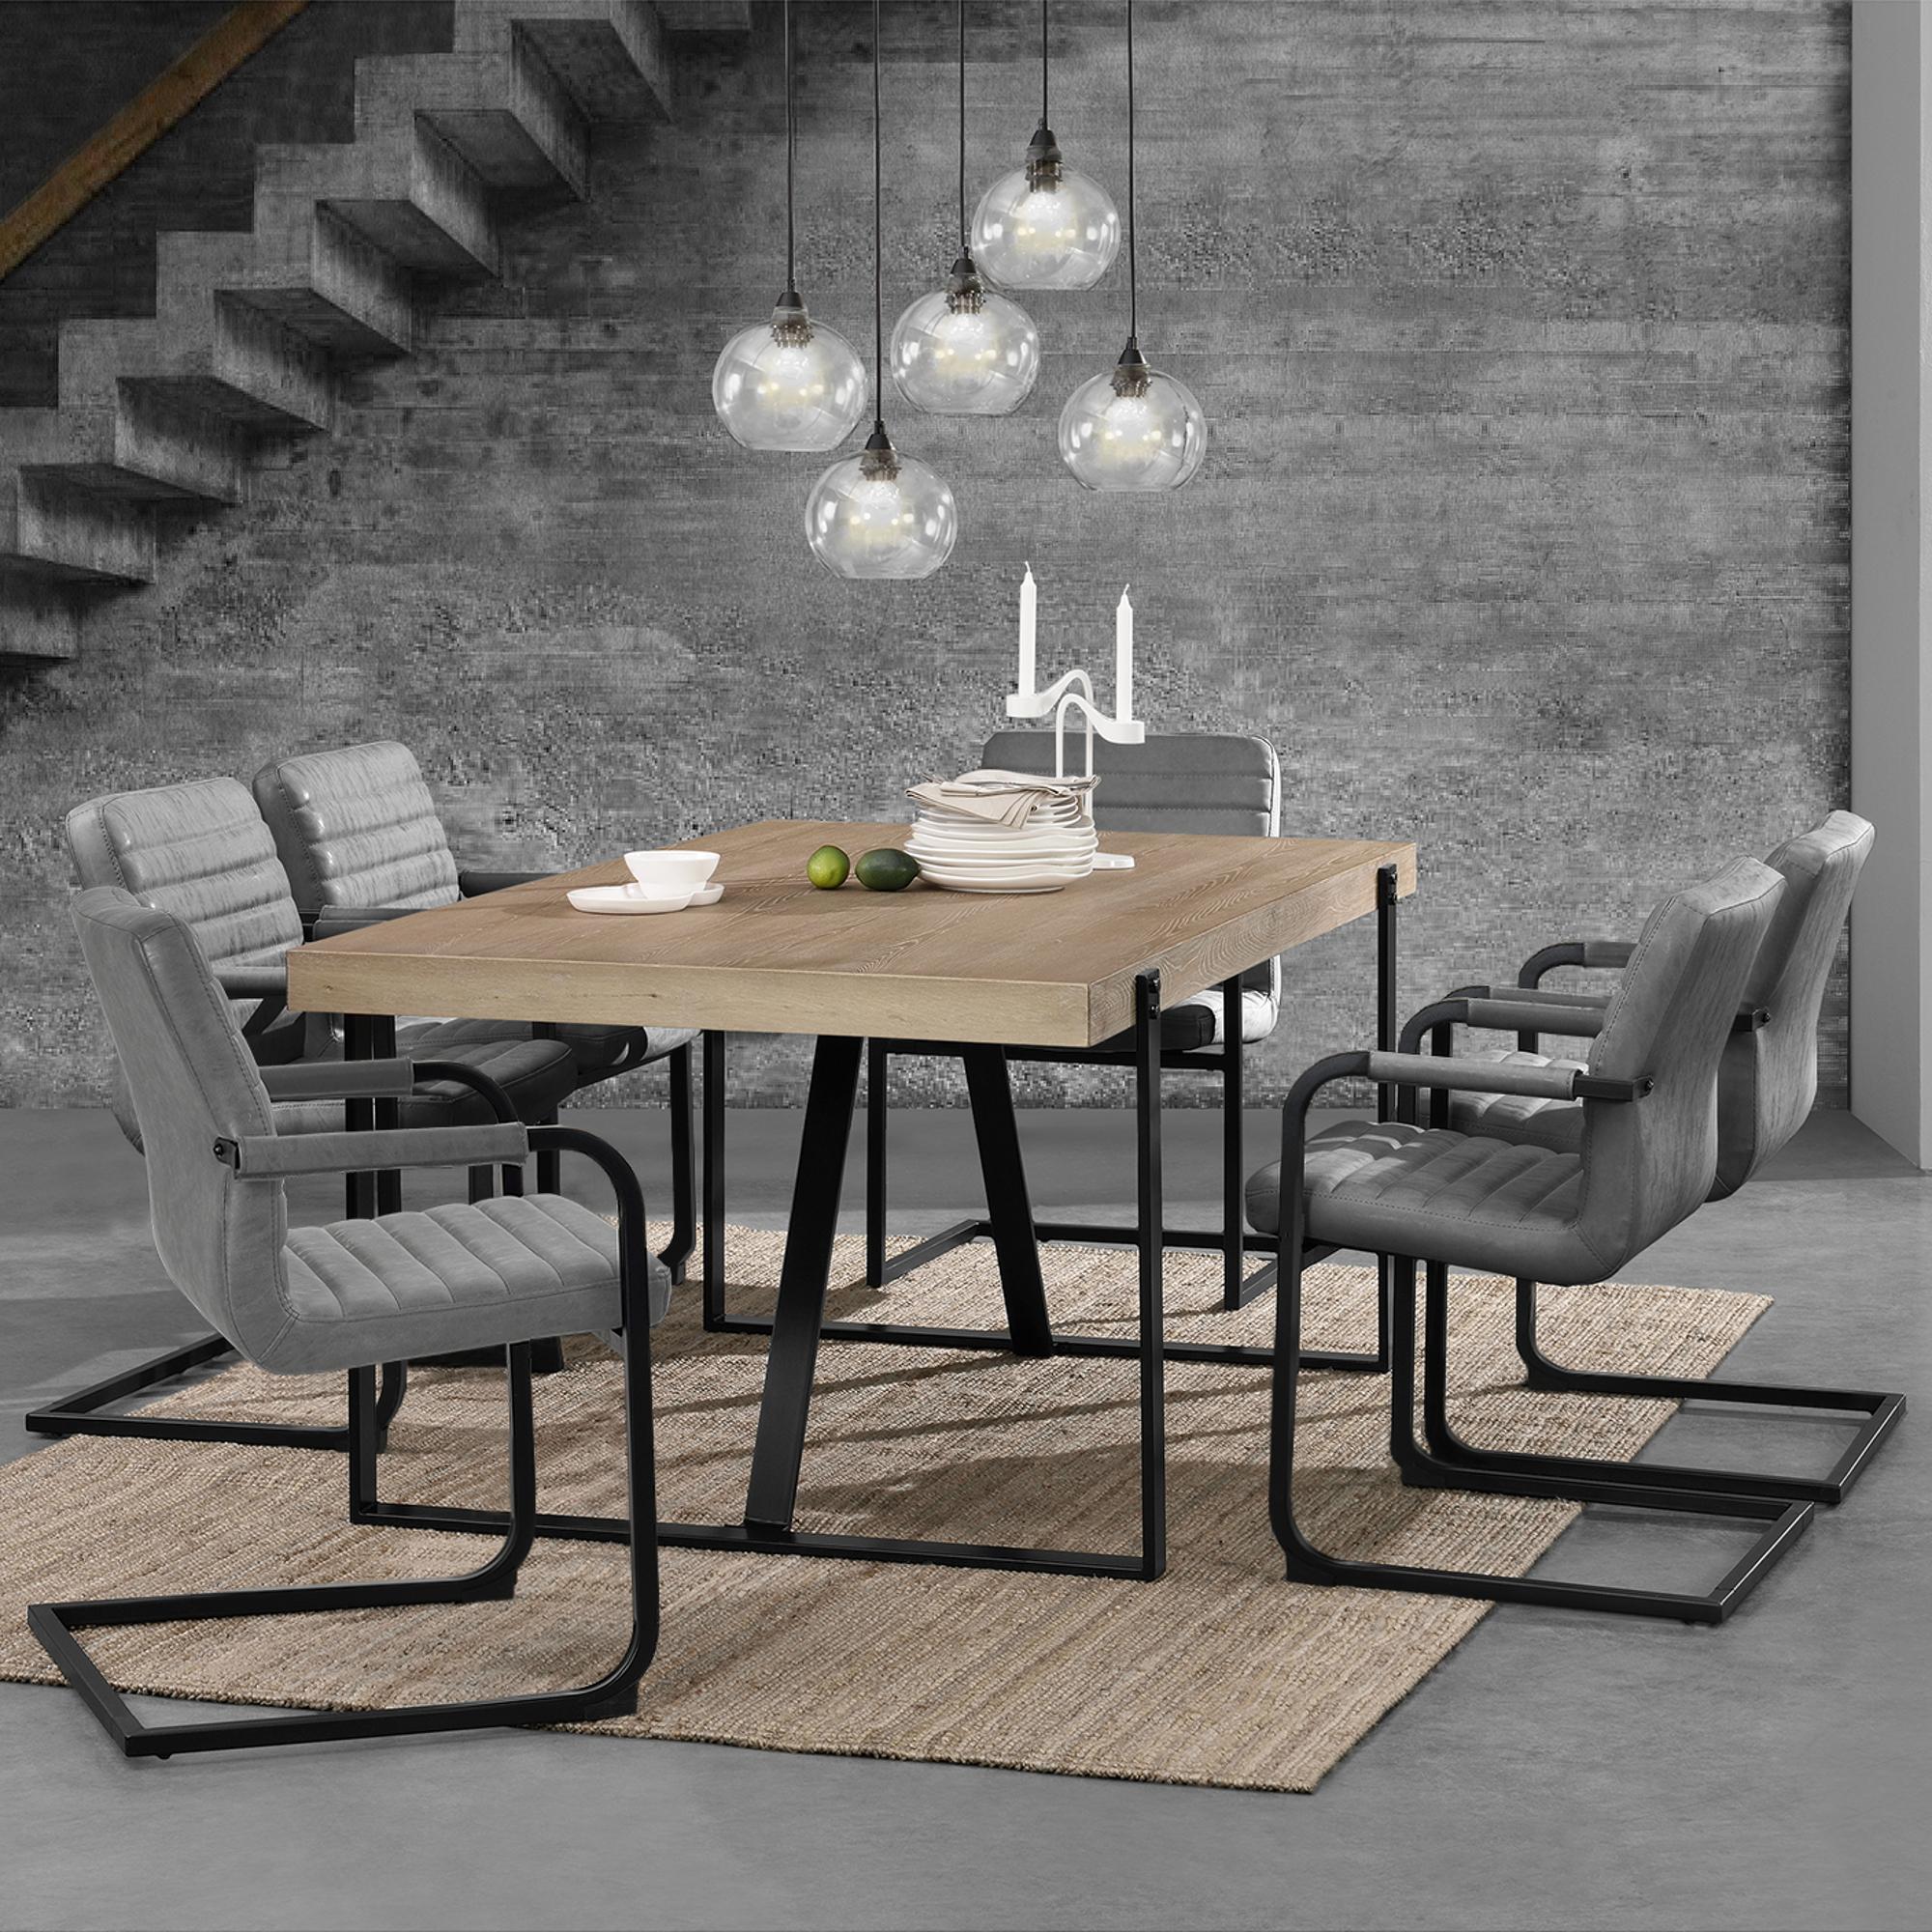 ... Moderner Esstisch Tisch Esszimmer Küchentisch Retro Rund Eckig Eiche